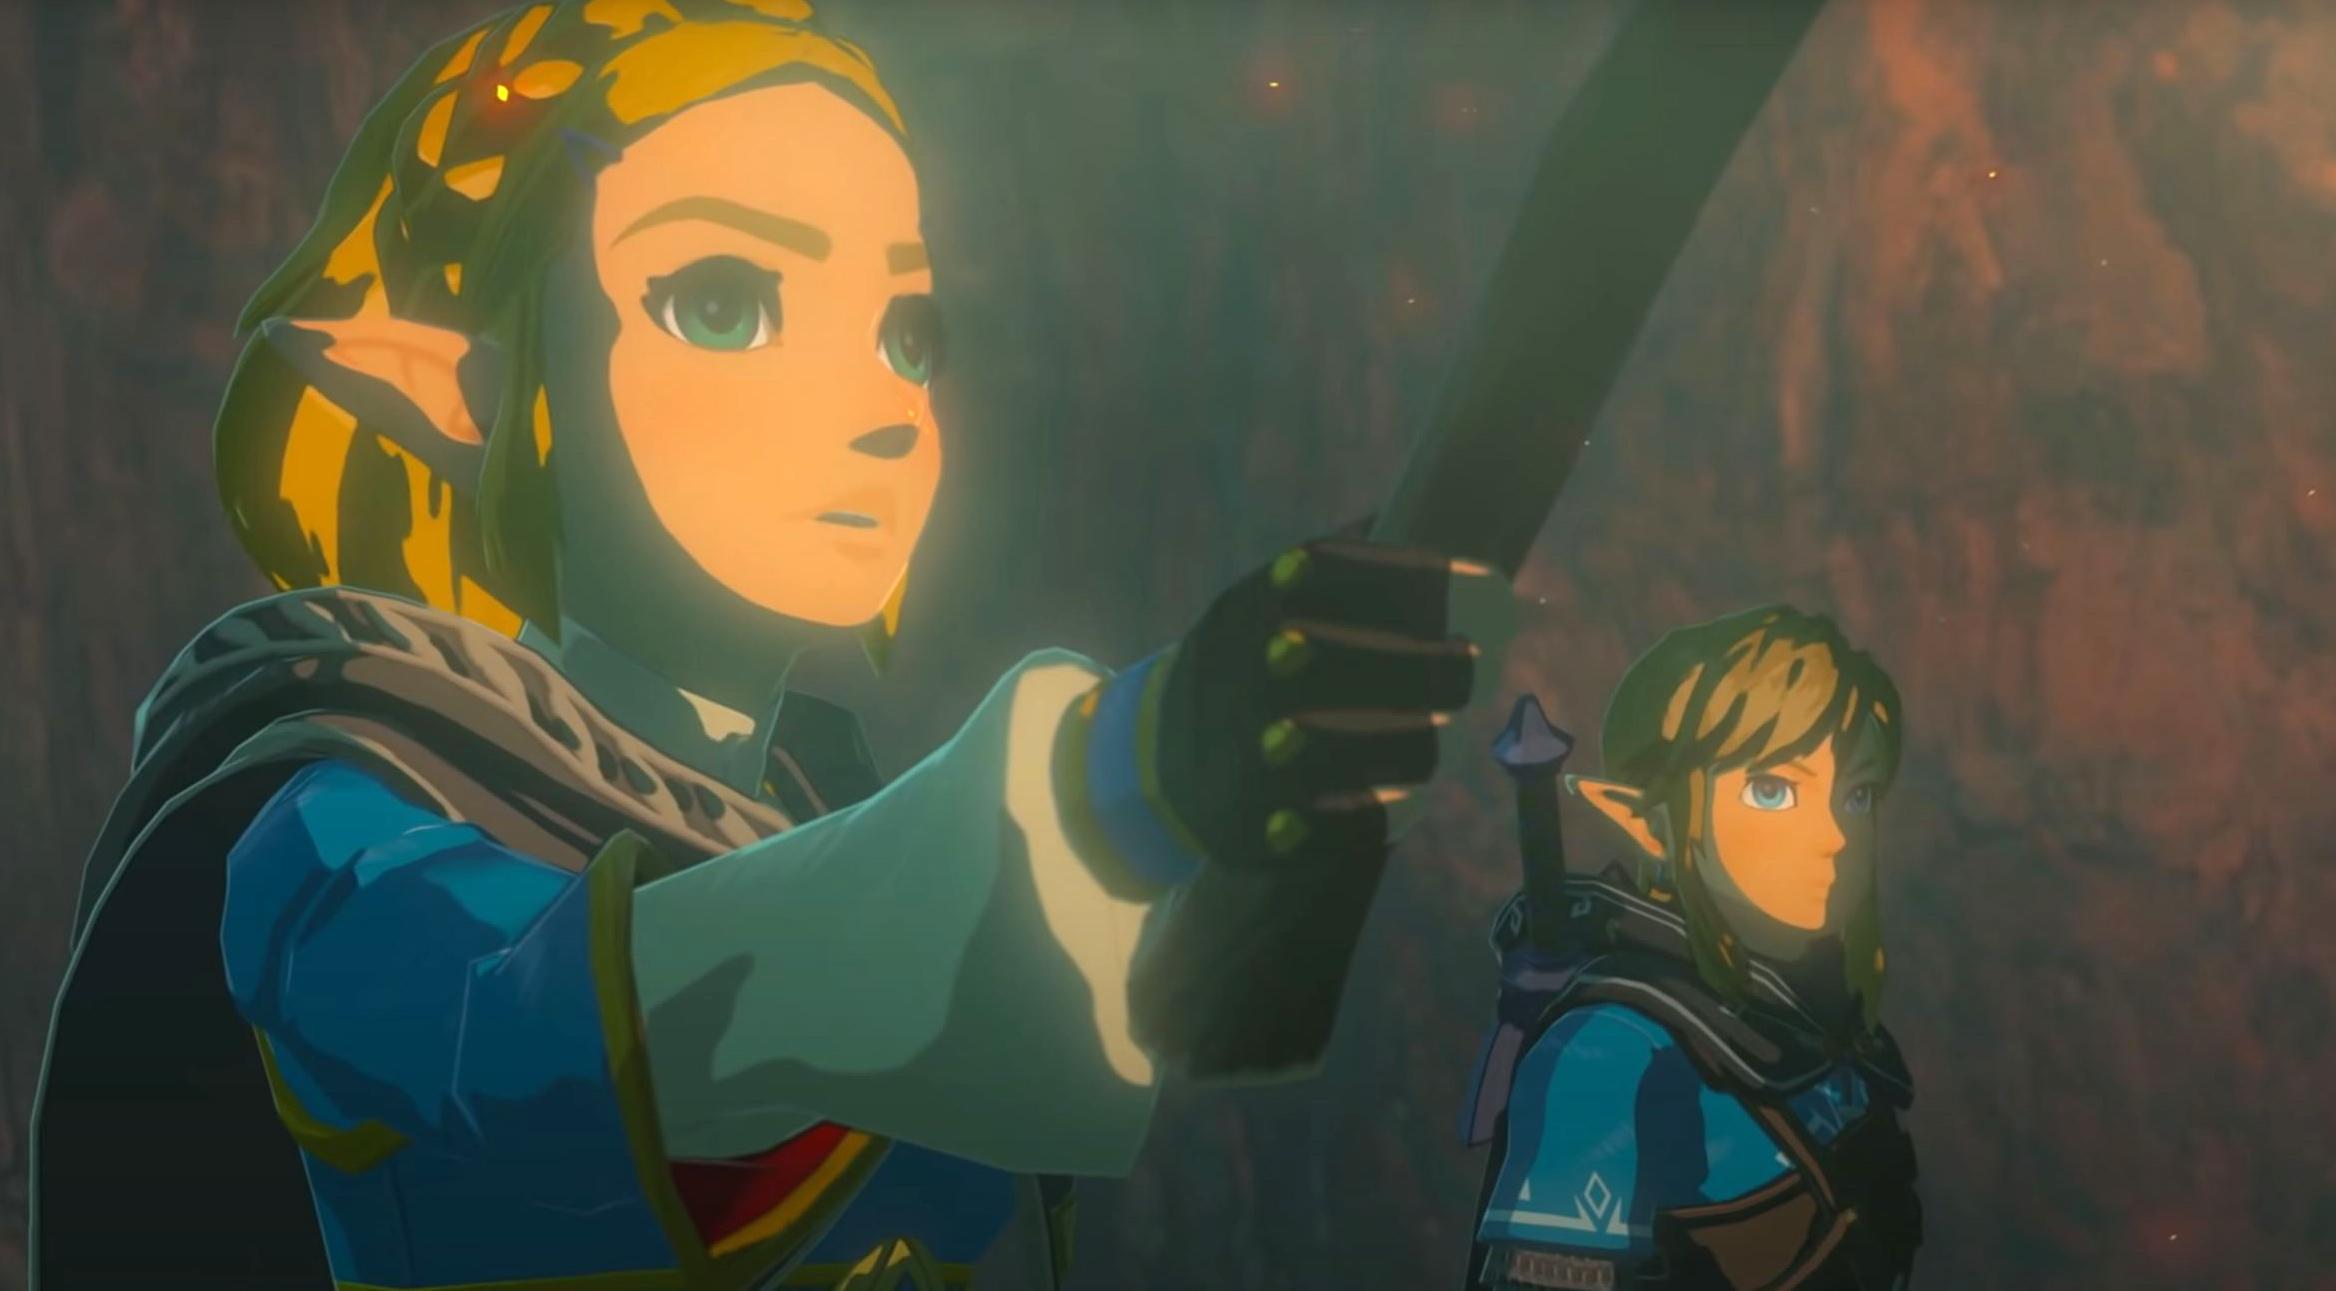 Dette er det siste glimtet vi har fått fra oppfølgeren til Zelda: Breath of the Wild. Kanskje får vi noe nyere under Nintendos E3-konferanse?